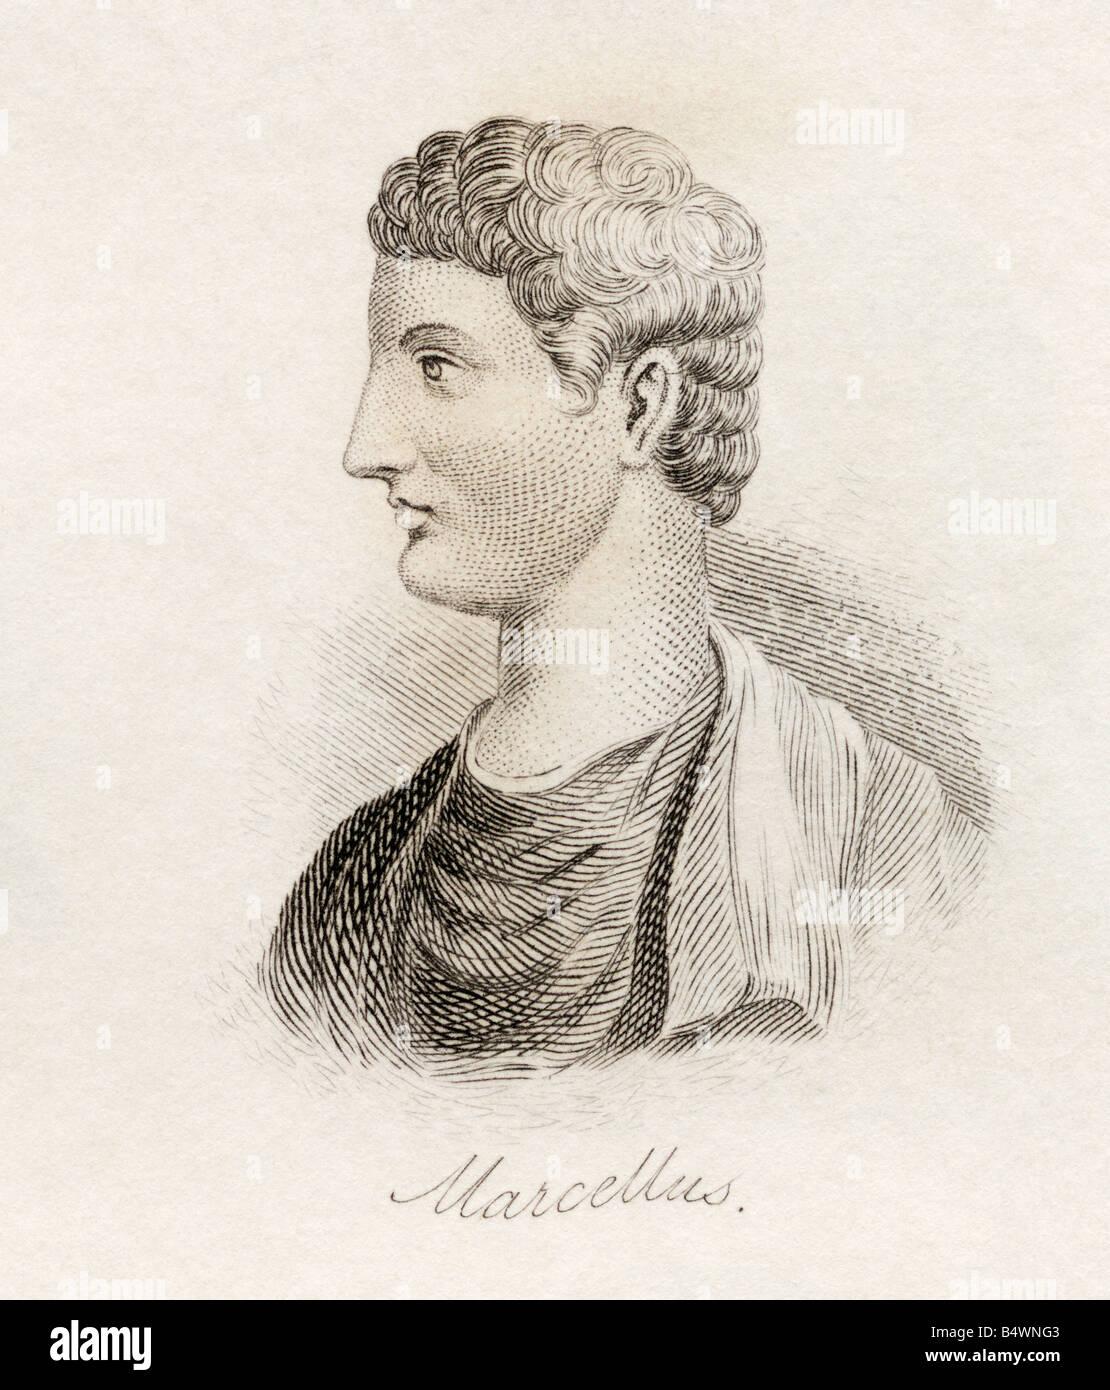 Marcus Claudius Marcellus ca 268 BC - 208 BC Roman general. - Stock Image